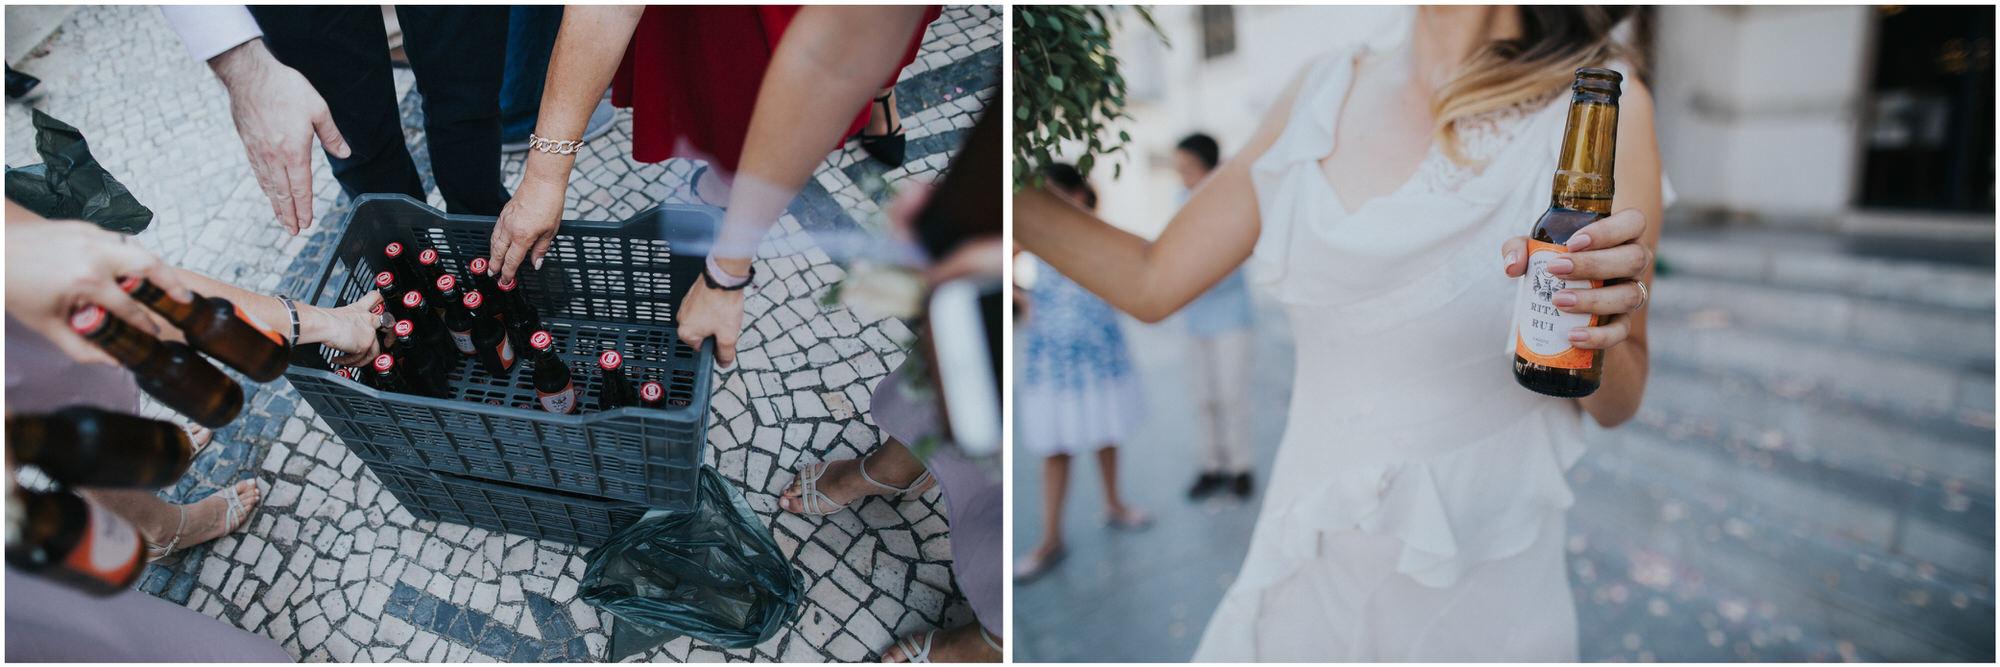 Filipe Santiago Fotografia-fotografo-malveira-lisboa-cascais-mafra-melhores-reportagem-wedding-photography-portugal-lisbon-best-natural-casamentos-lifestyle-bride-ideias-rustic-boho-hair-mackup-damas-preparativos-preparations-bridemaids-dress-shoes-bouquet-trends-church-cerimony-saida-igreja-dicas-drink-toast